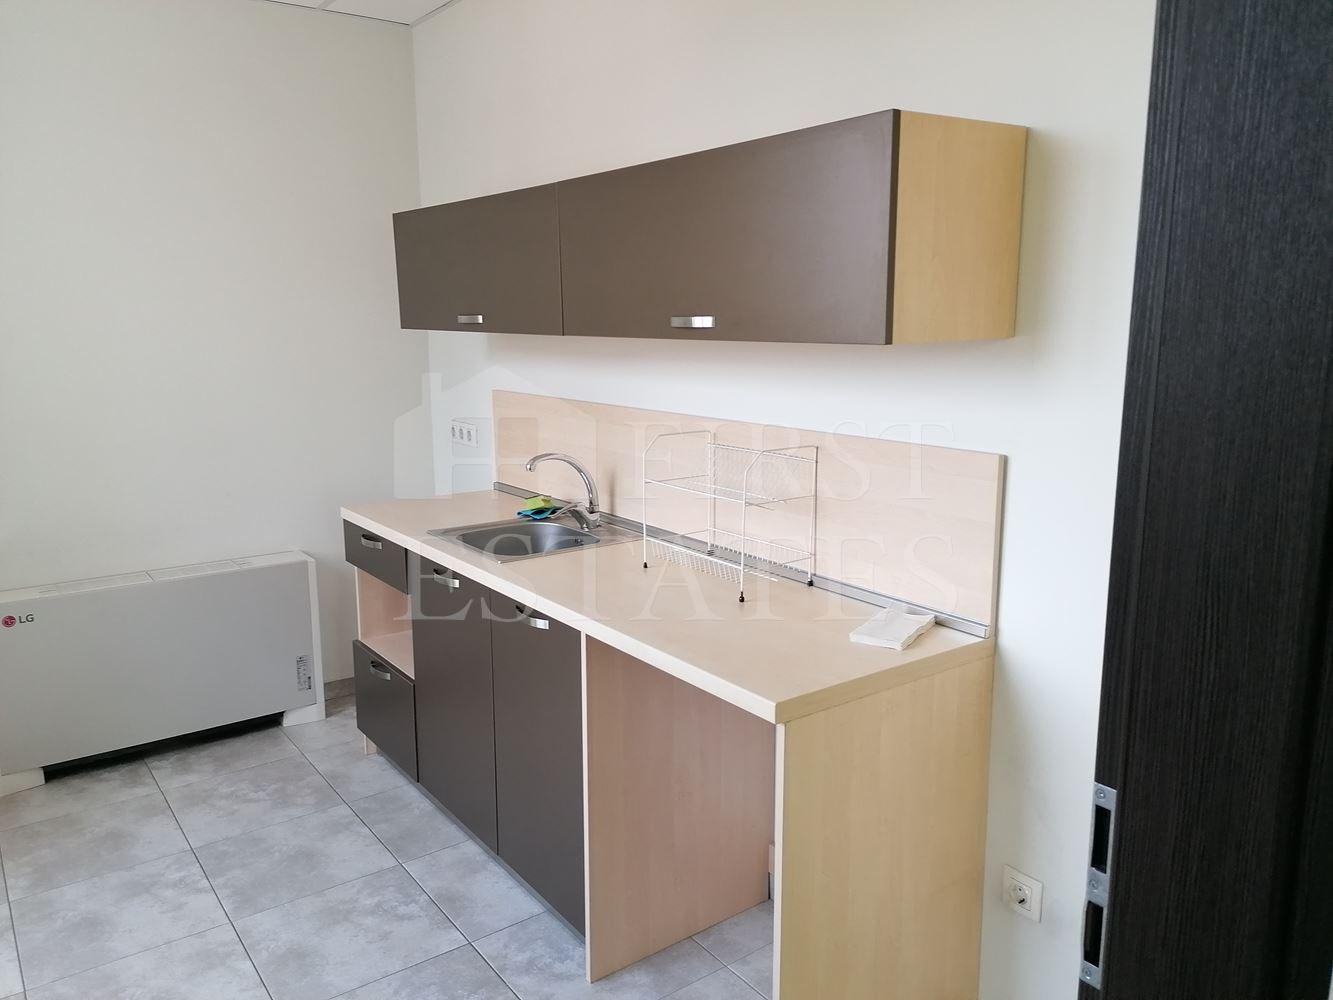 517 m² офис под наем